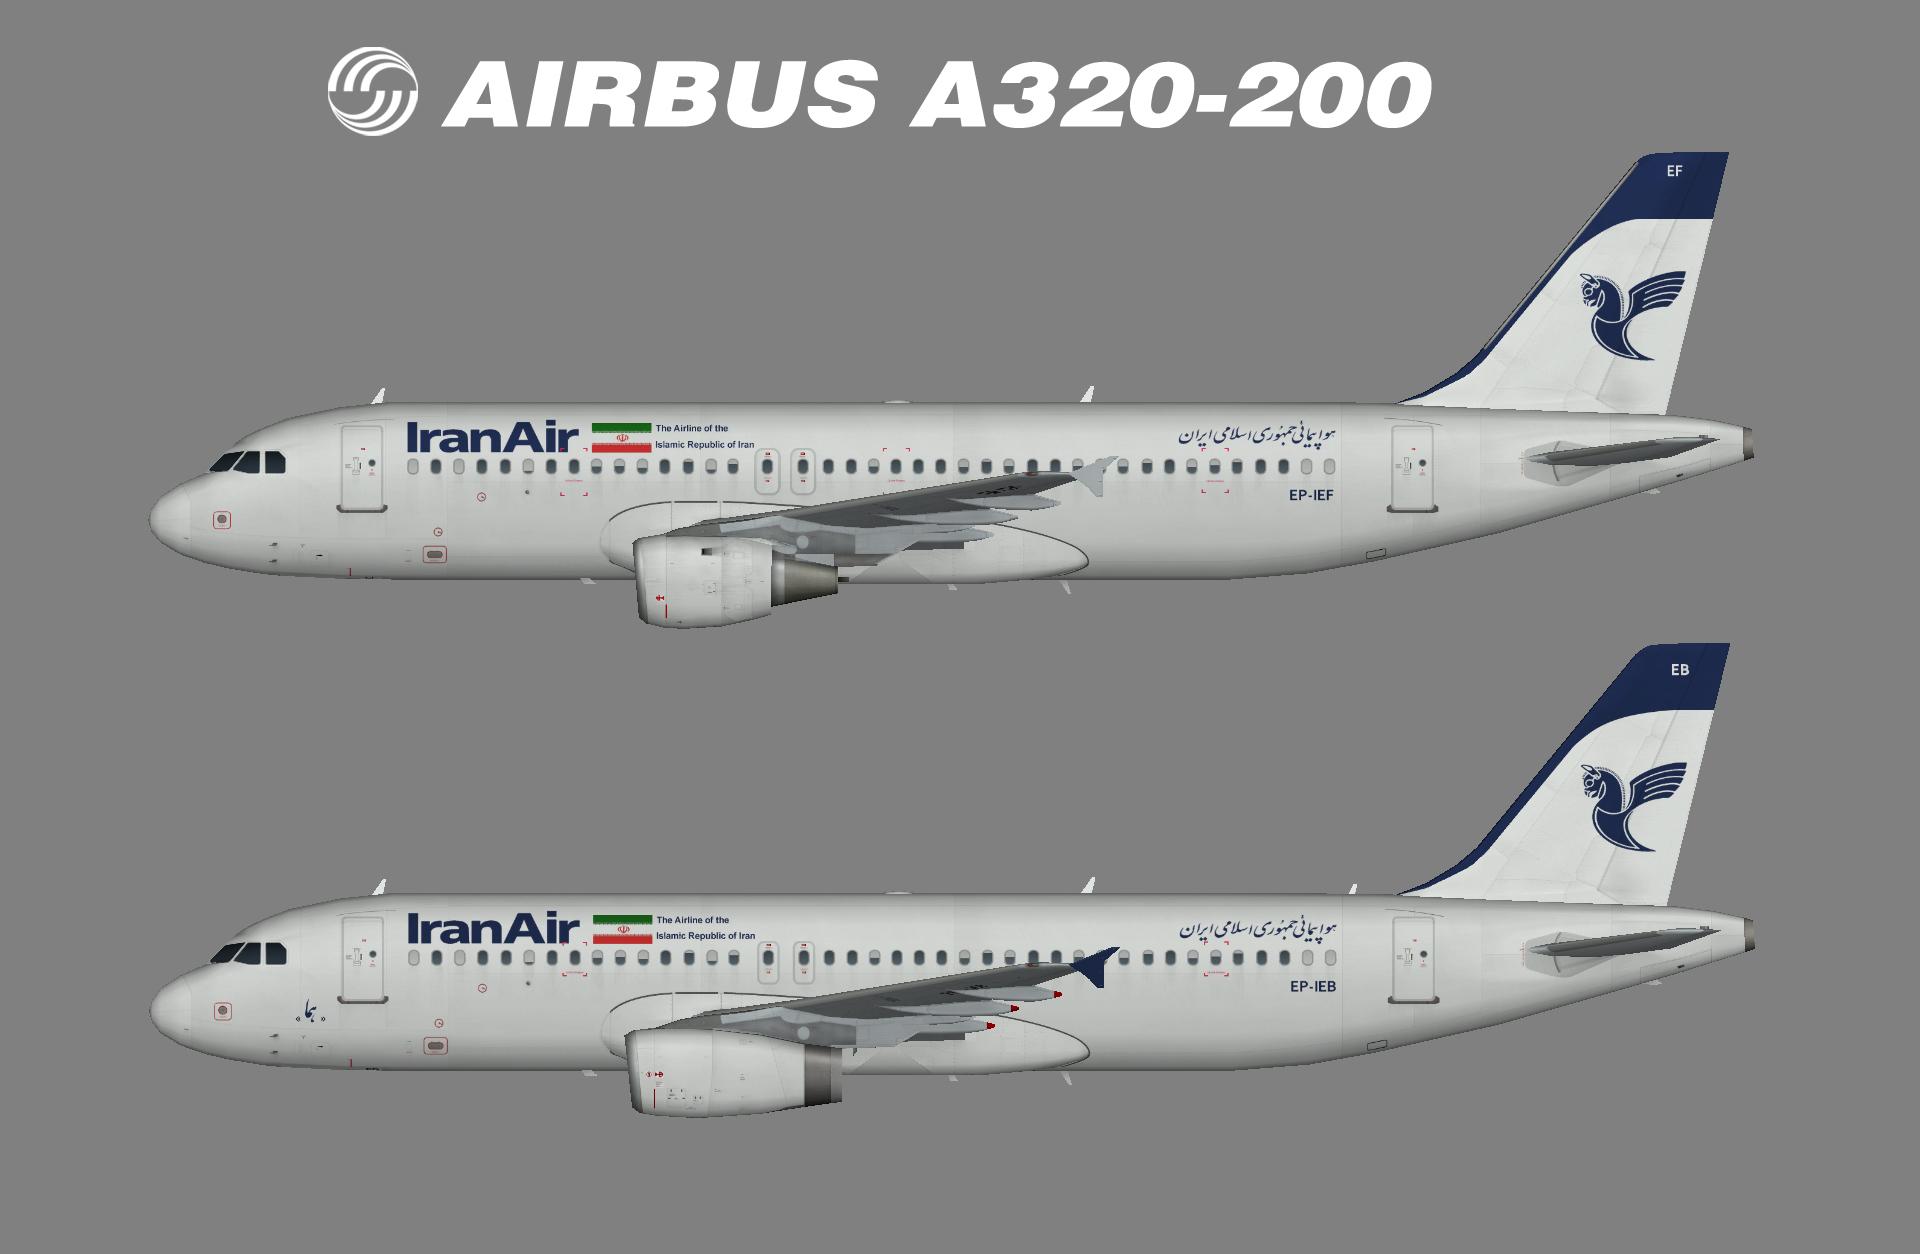 iran a320-200